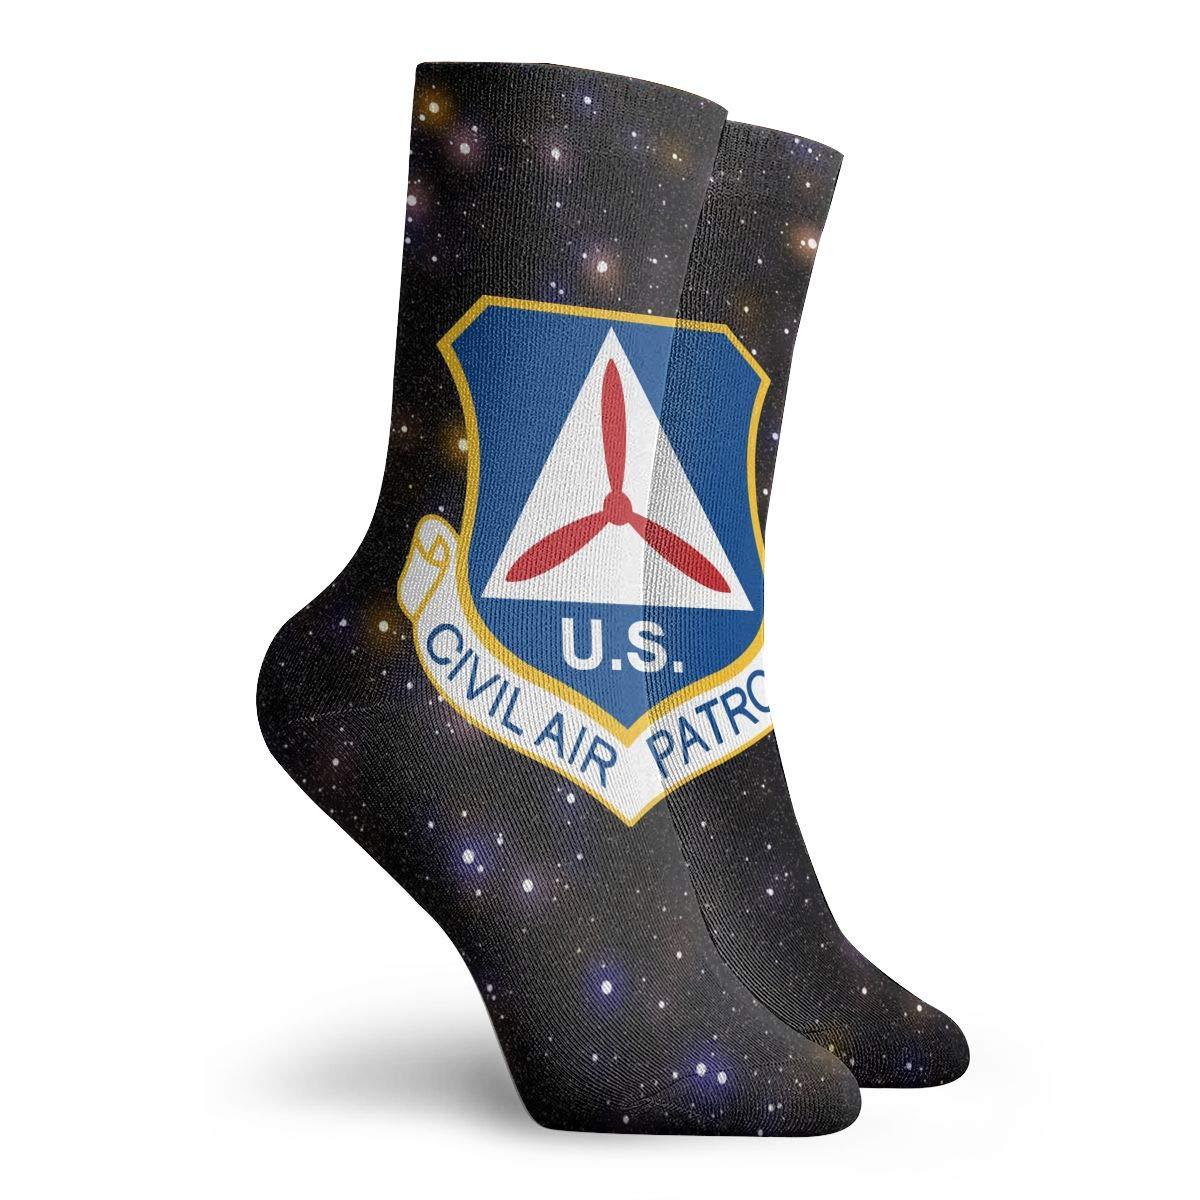 Civil Air Patrol Fashion Dress Socks Short Socks Leisure Travel 11.8 Inch